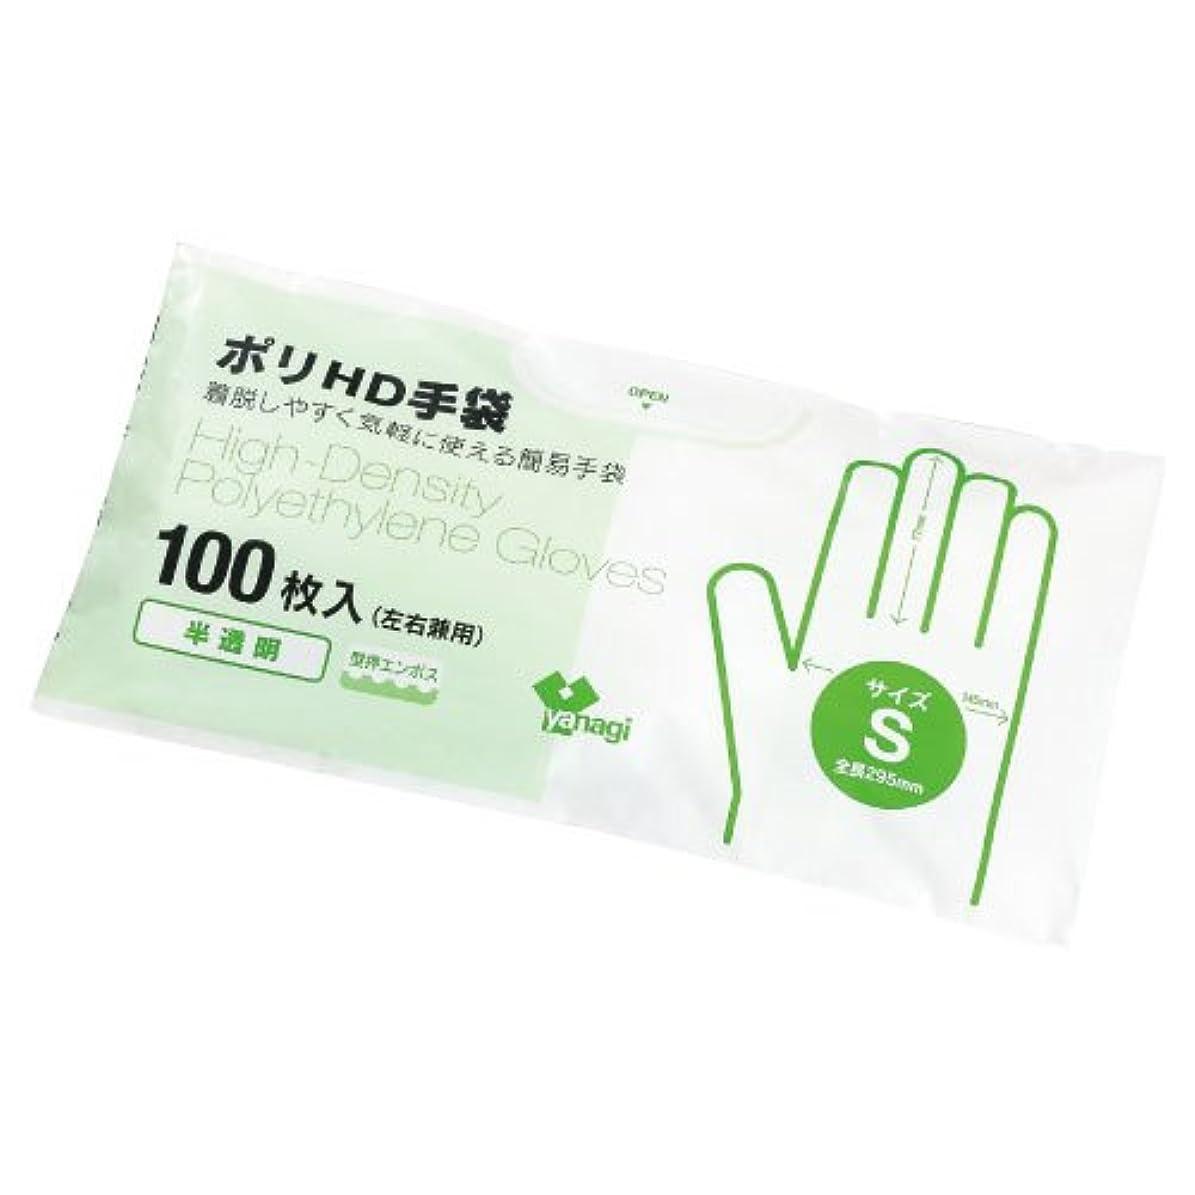 敏感な文明化香港ポリHD手袋(半透明)型押エンボス TB-203(M)100???? ???HD???????????????(24-2575-01)【やなぎプロダクツ】[120袋単位]